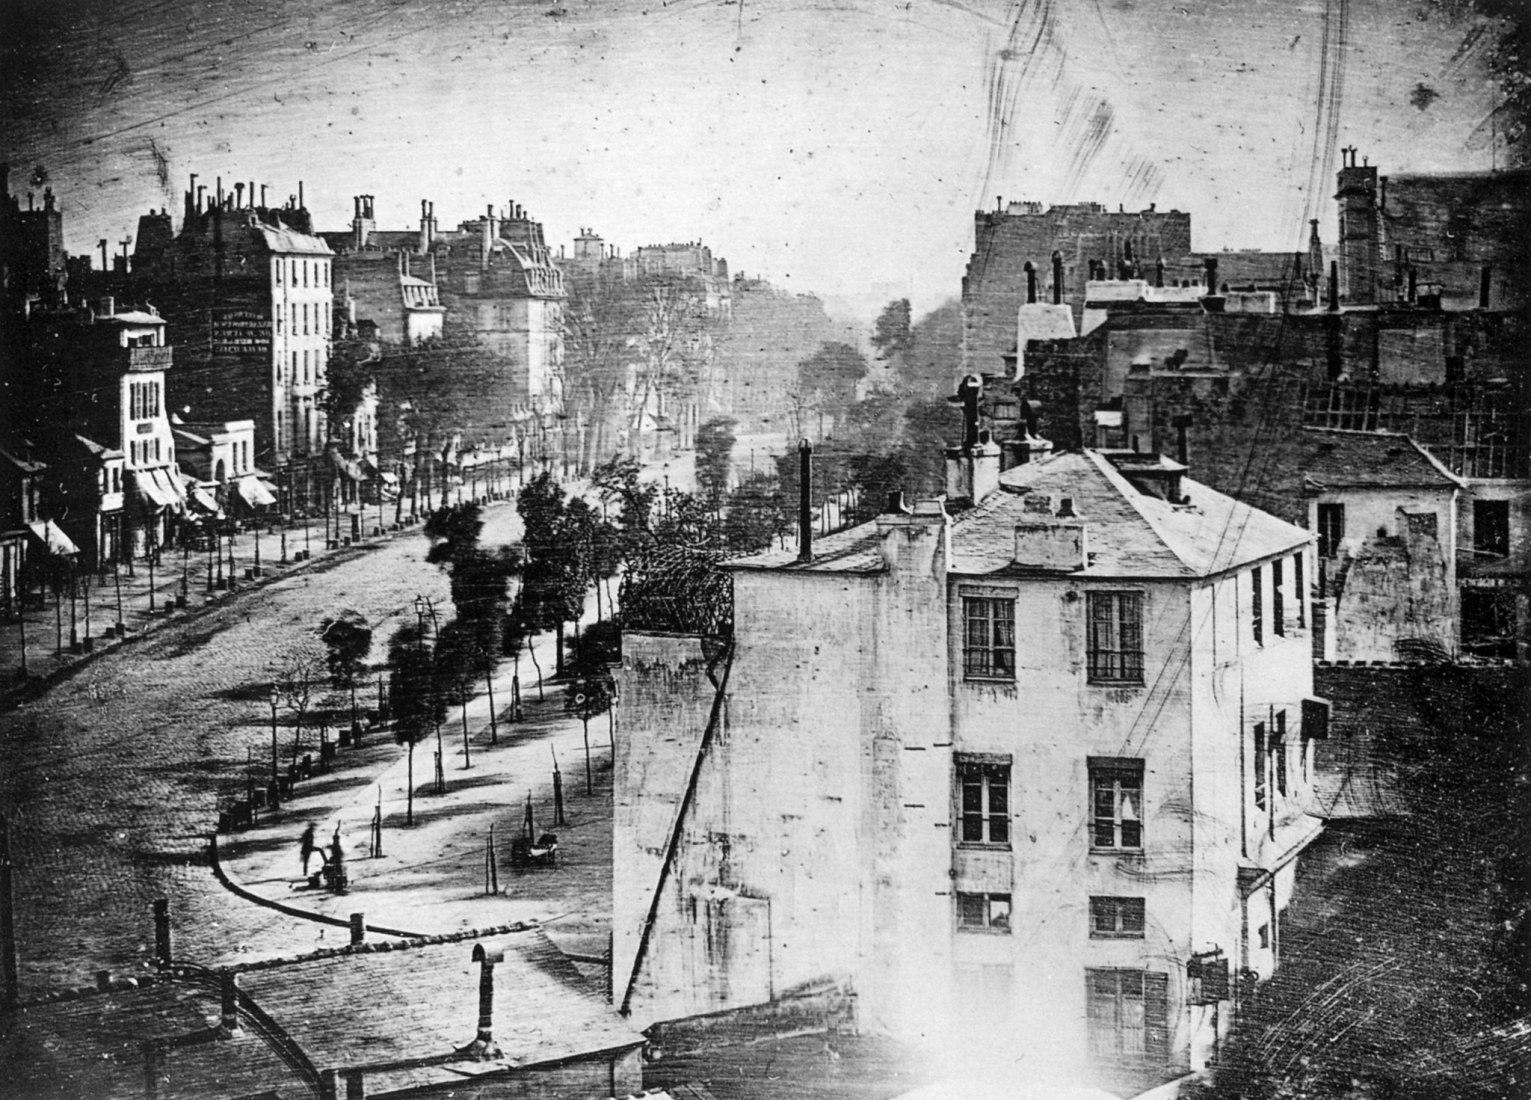 El Boulevard du Temple de París (1839). Foto de Louis-Jacques-Mandé Daguerre.